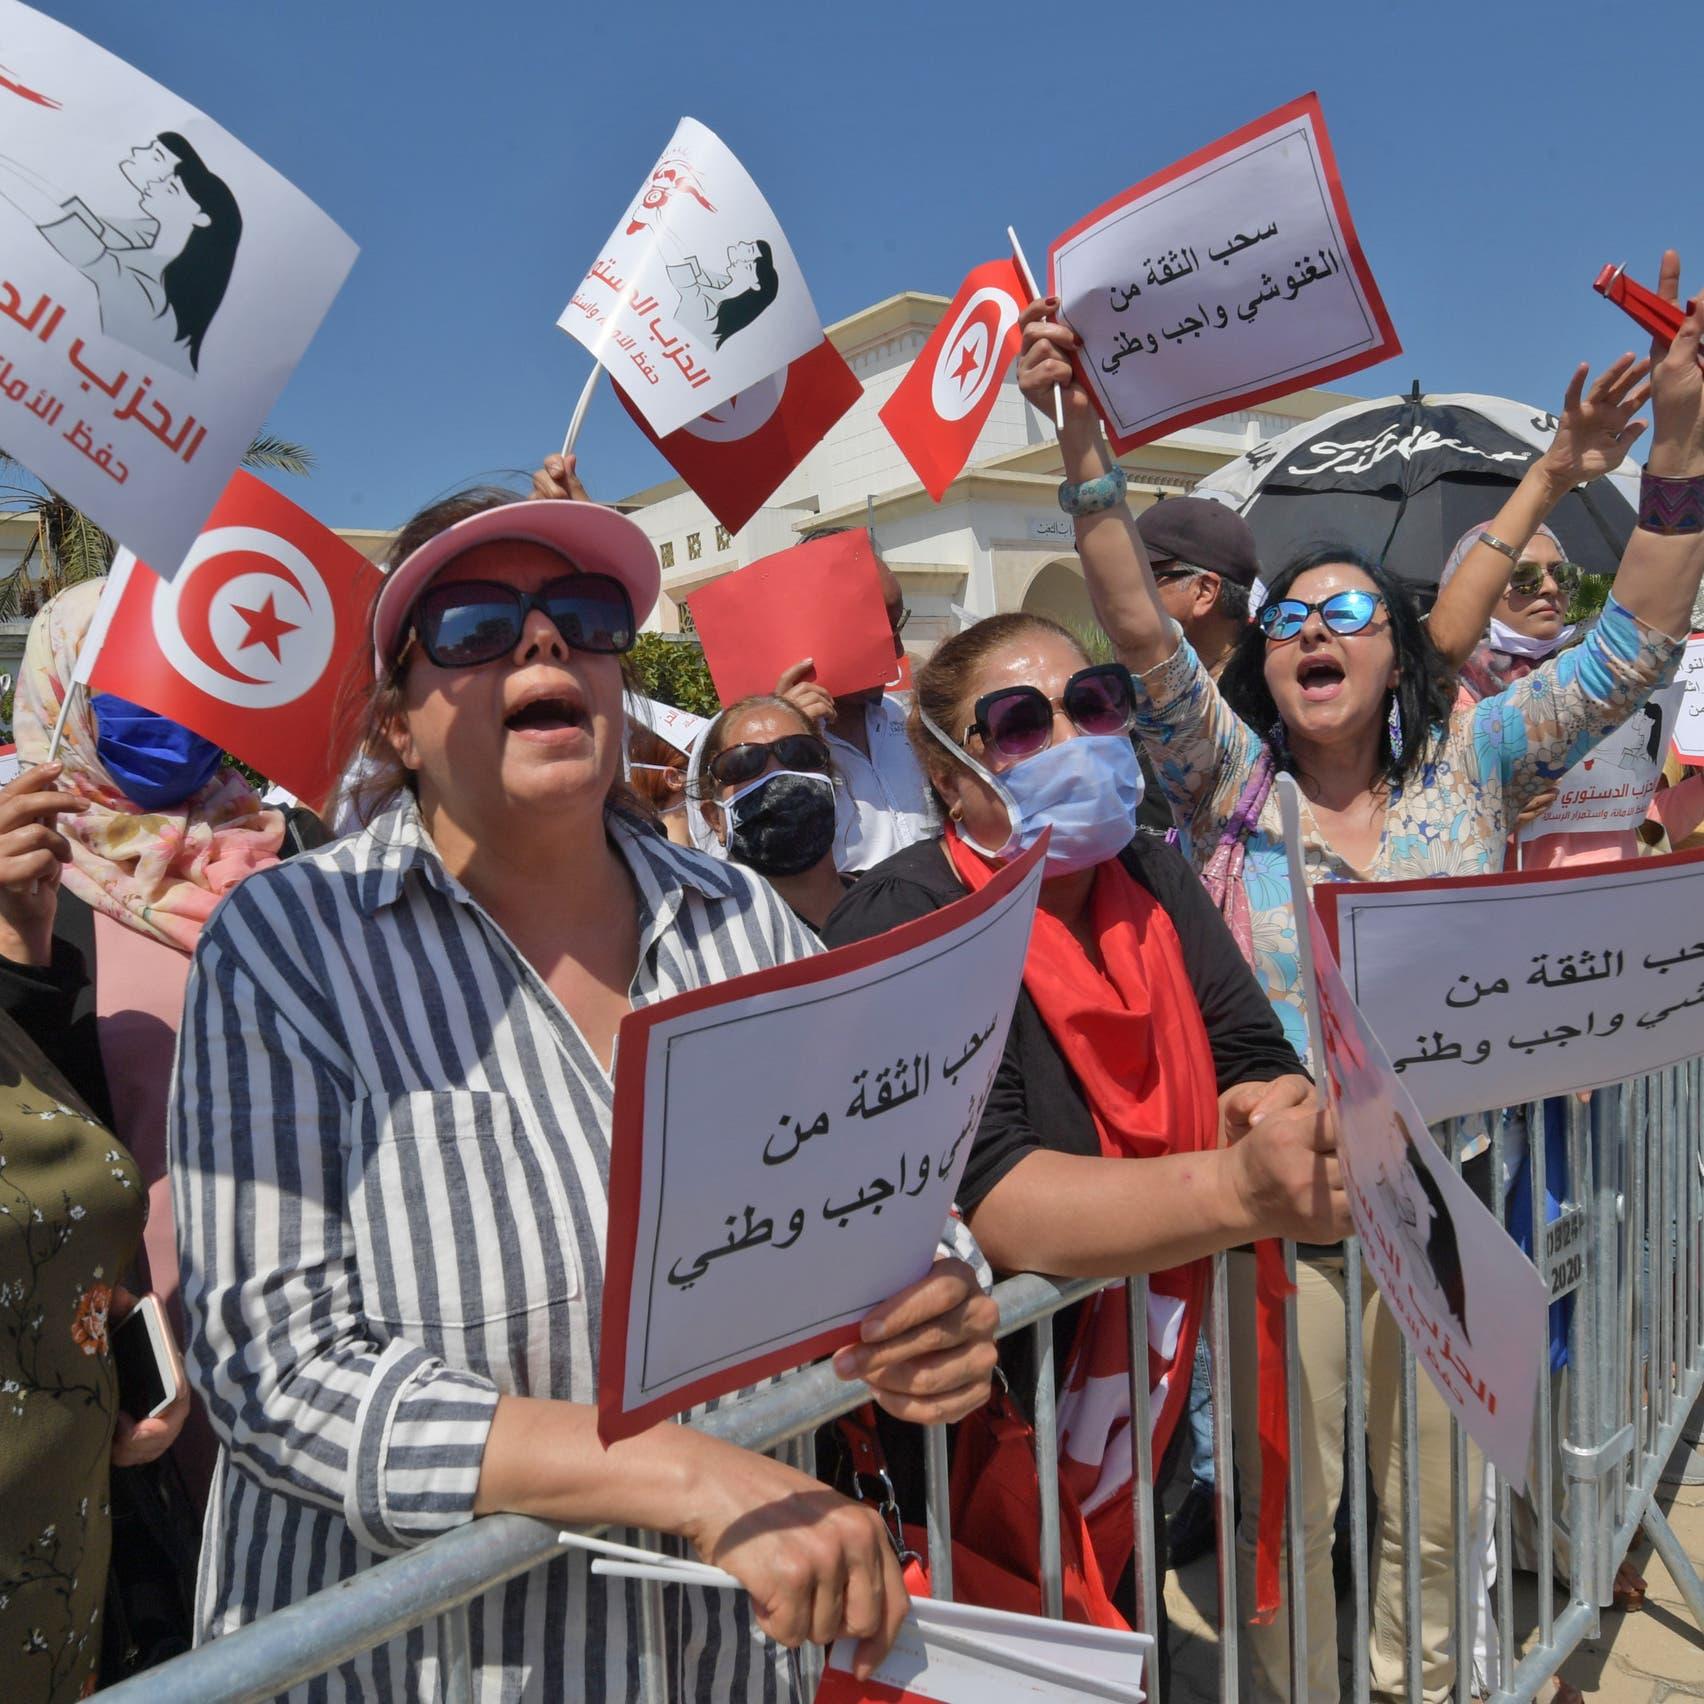 تونس.. منع اعتصام لمحتجين يطالبون بحل البرلمان